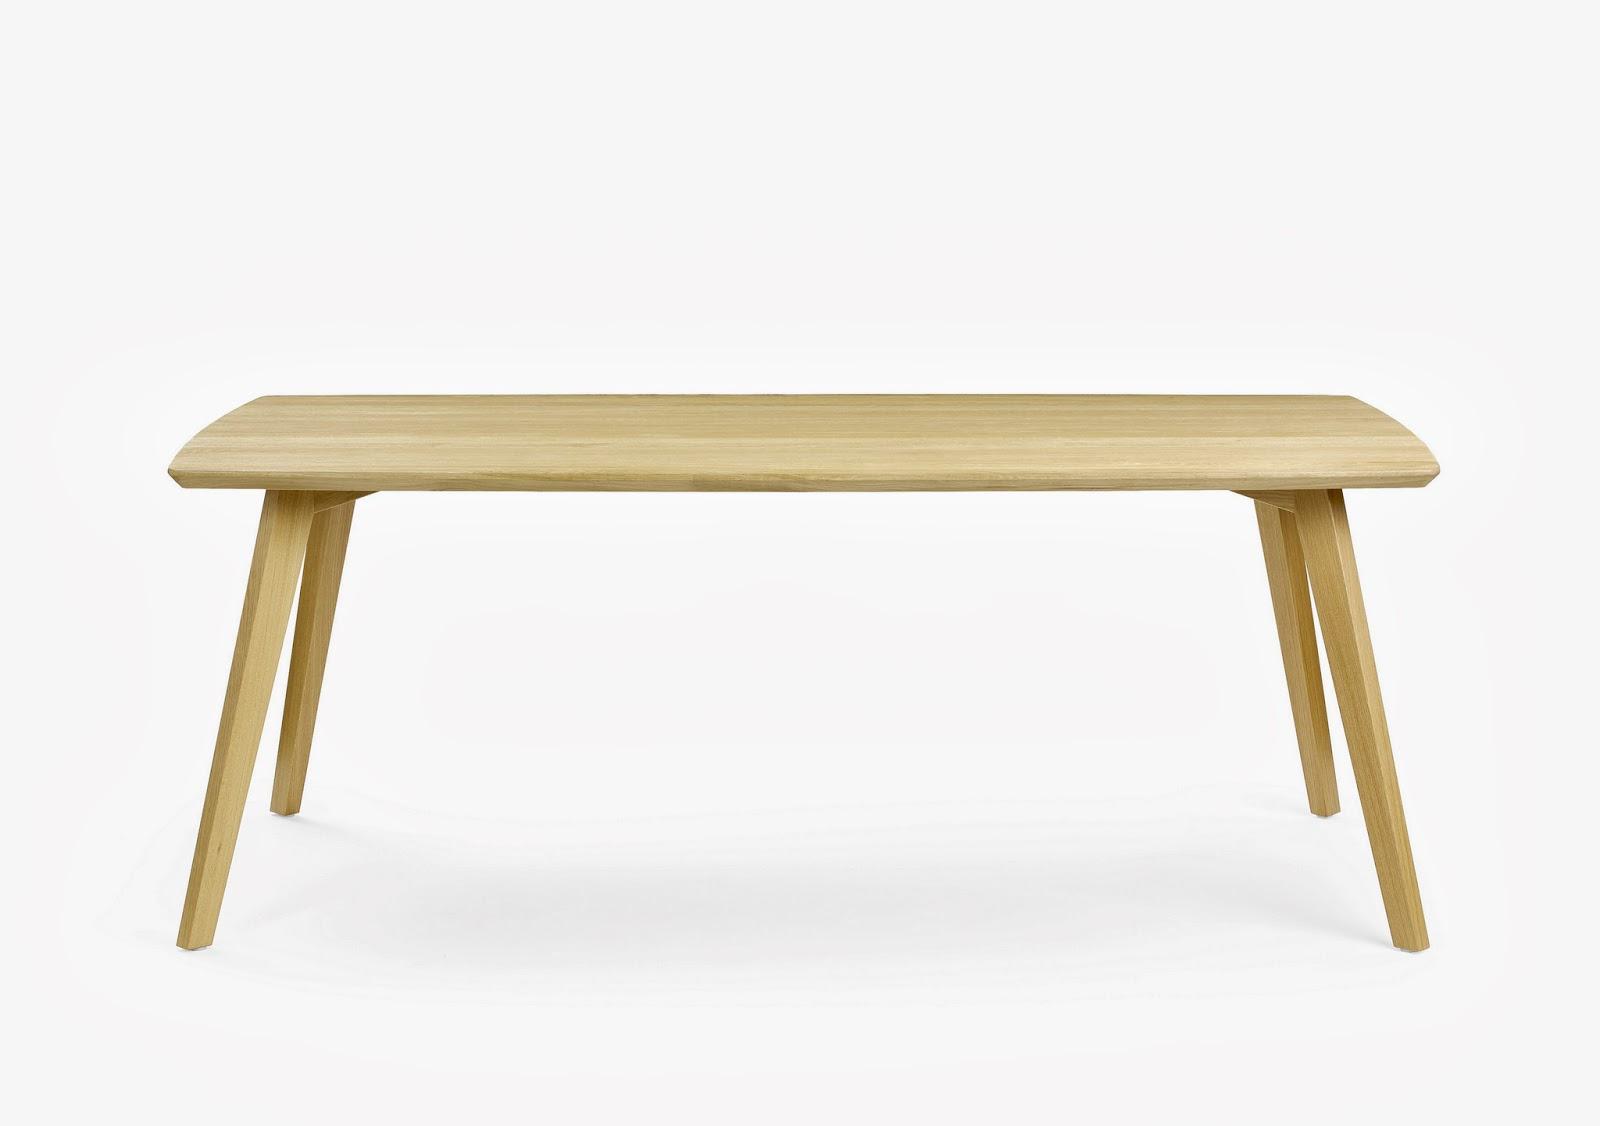 Moods Stoelen Mobitec : Moods tafel noordkaap meubelen